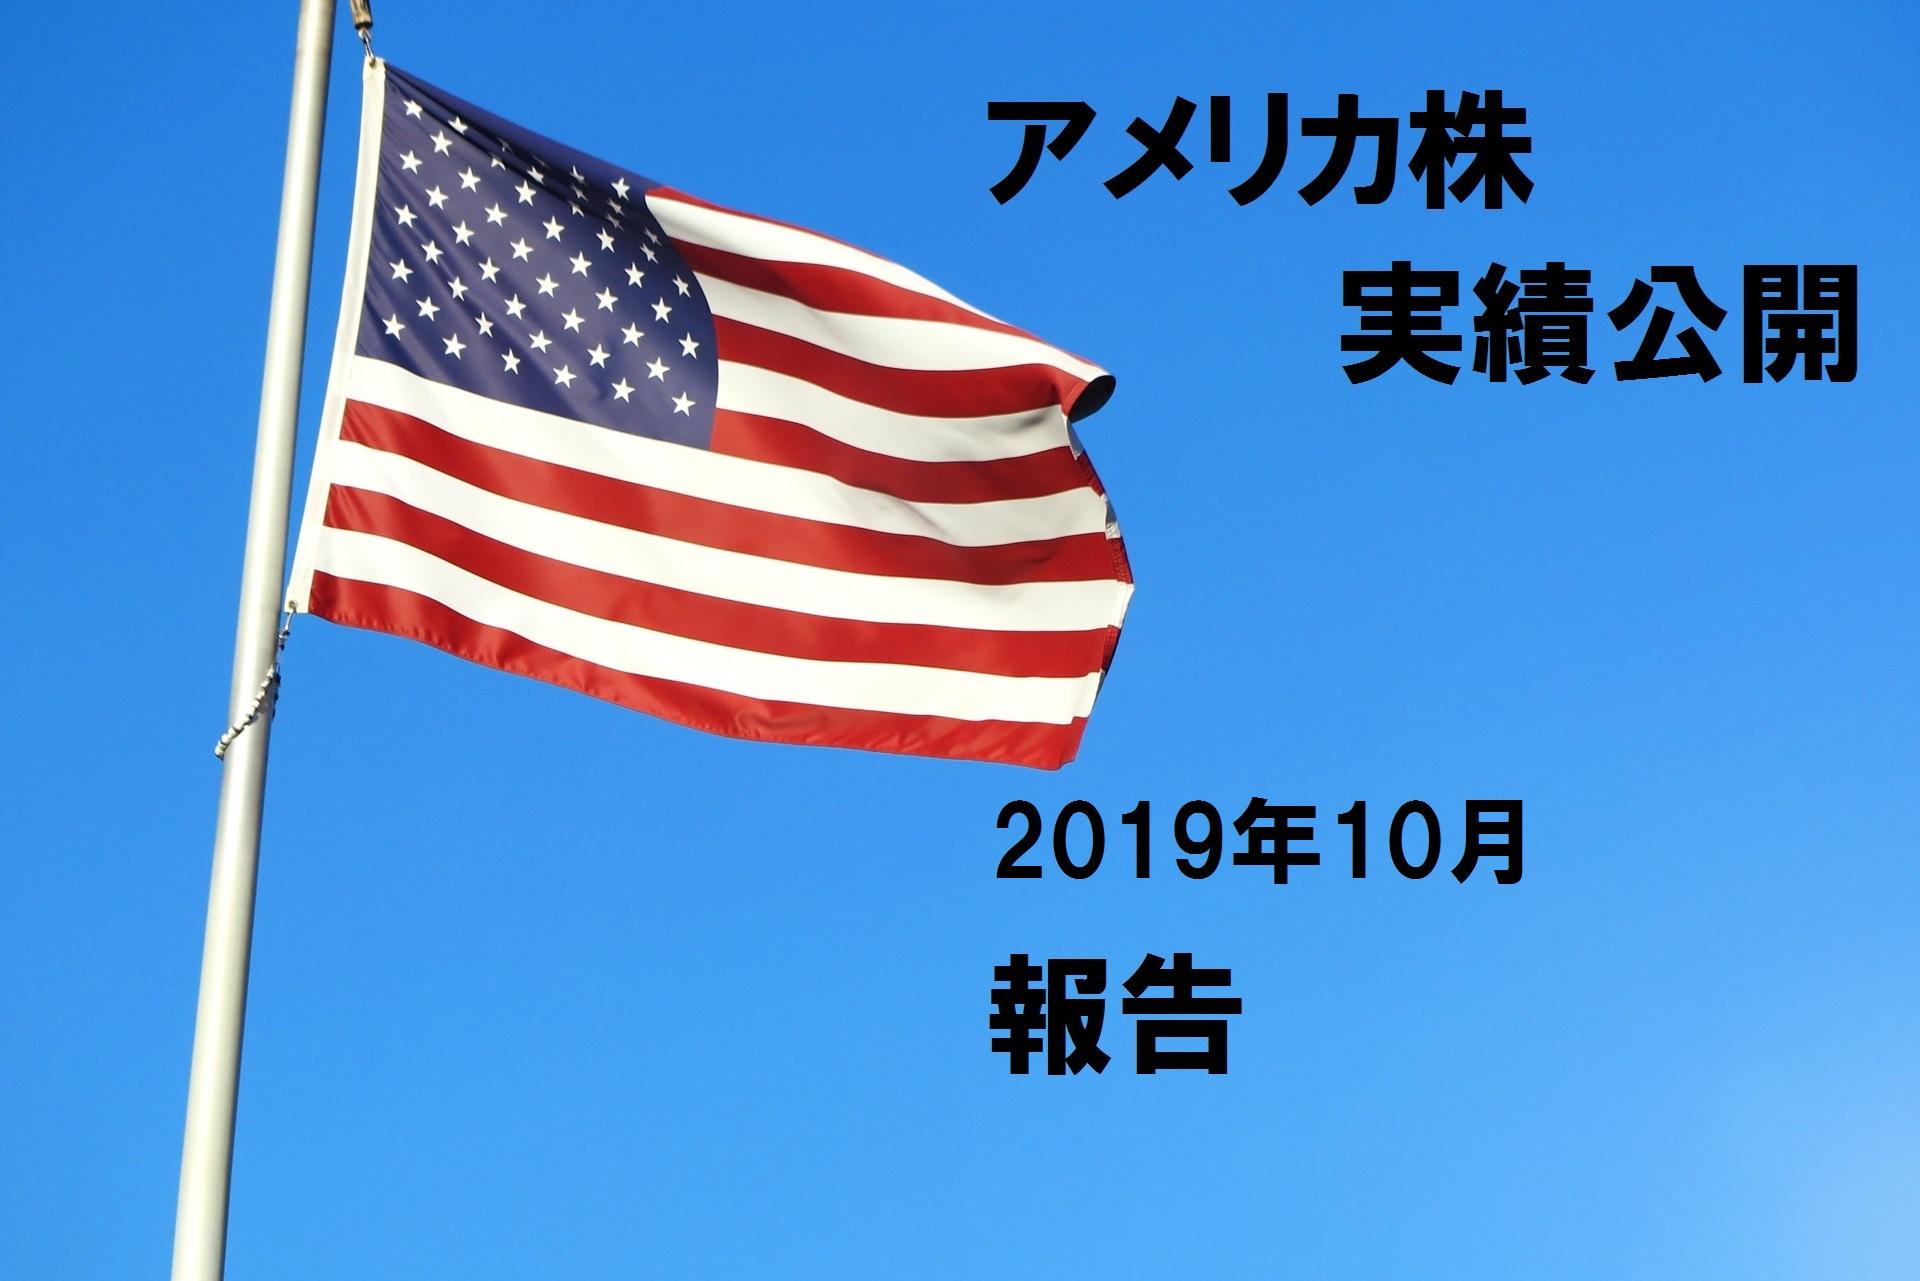 2019年10月中旬時点でのアメリカ株実績報告